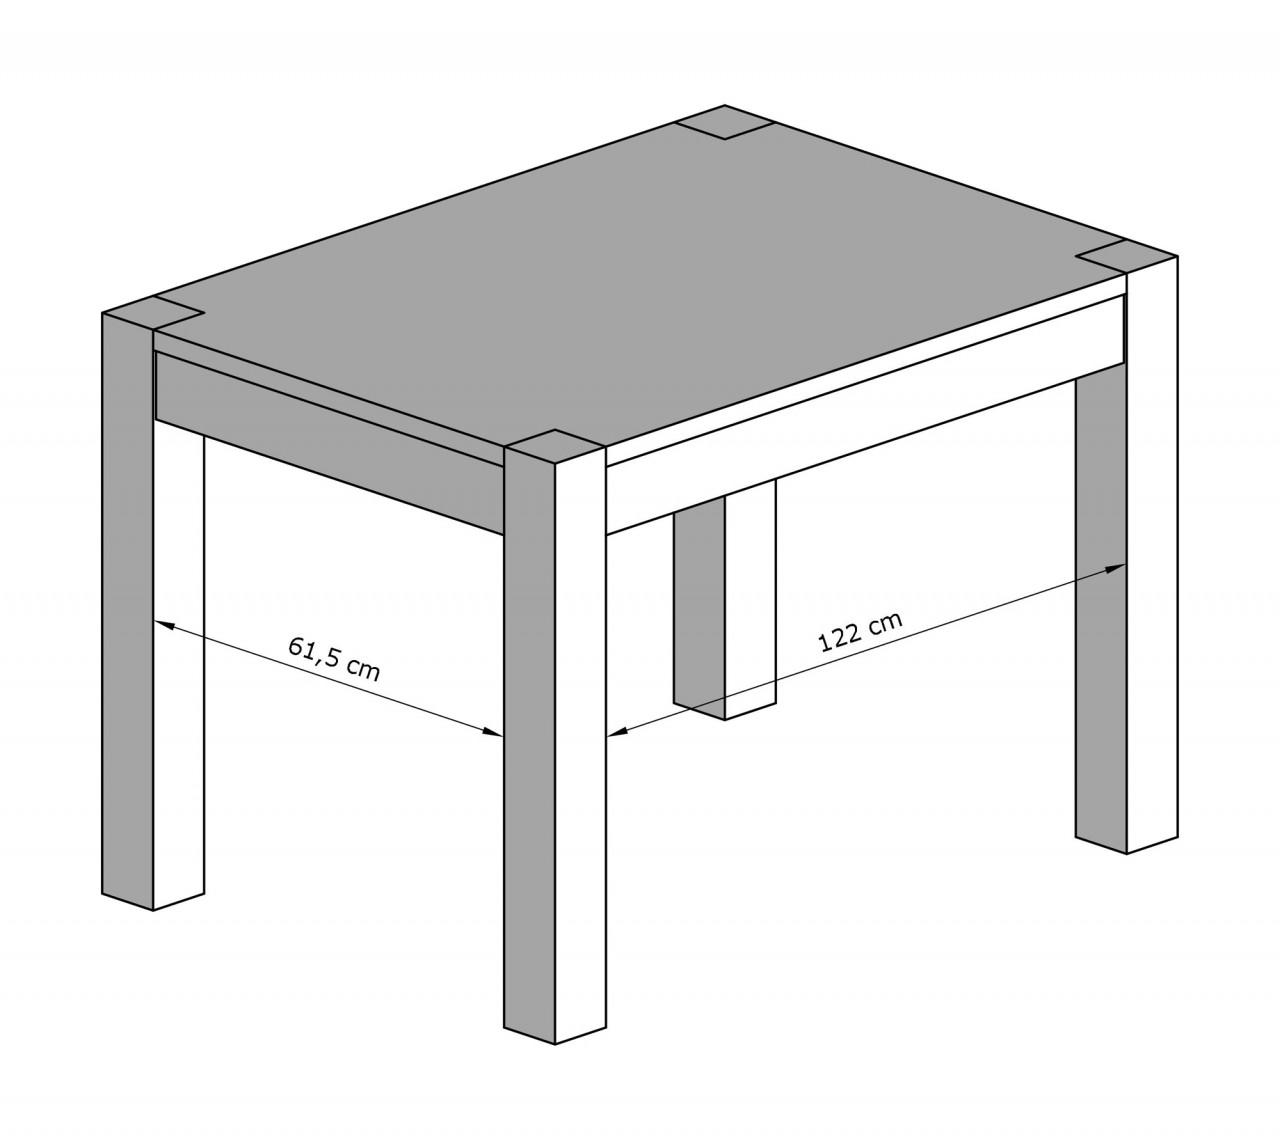 Tavoli in pino tavolo cubo l140 arredamenti rustici - Tavolo per 10 persone misure ...